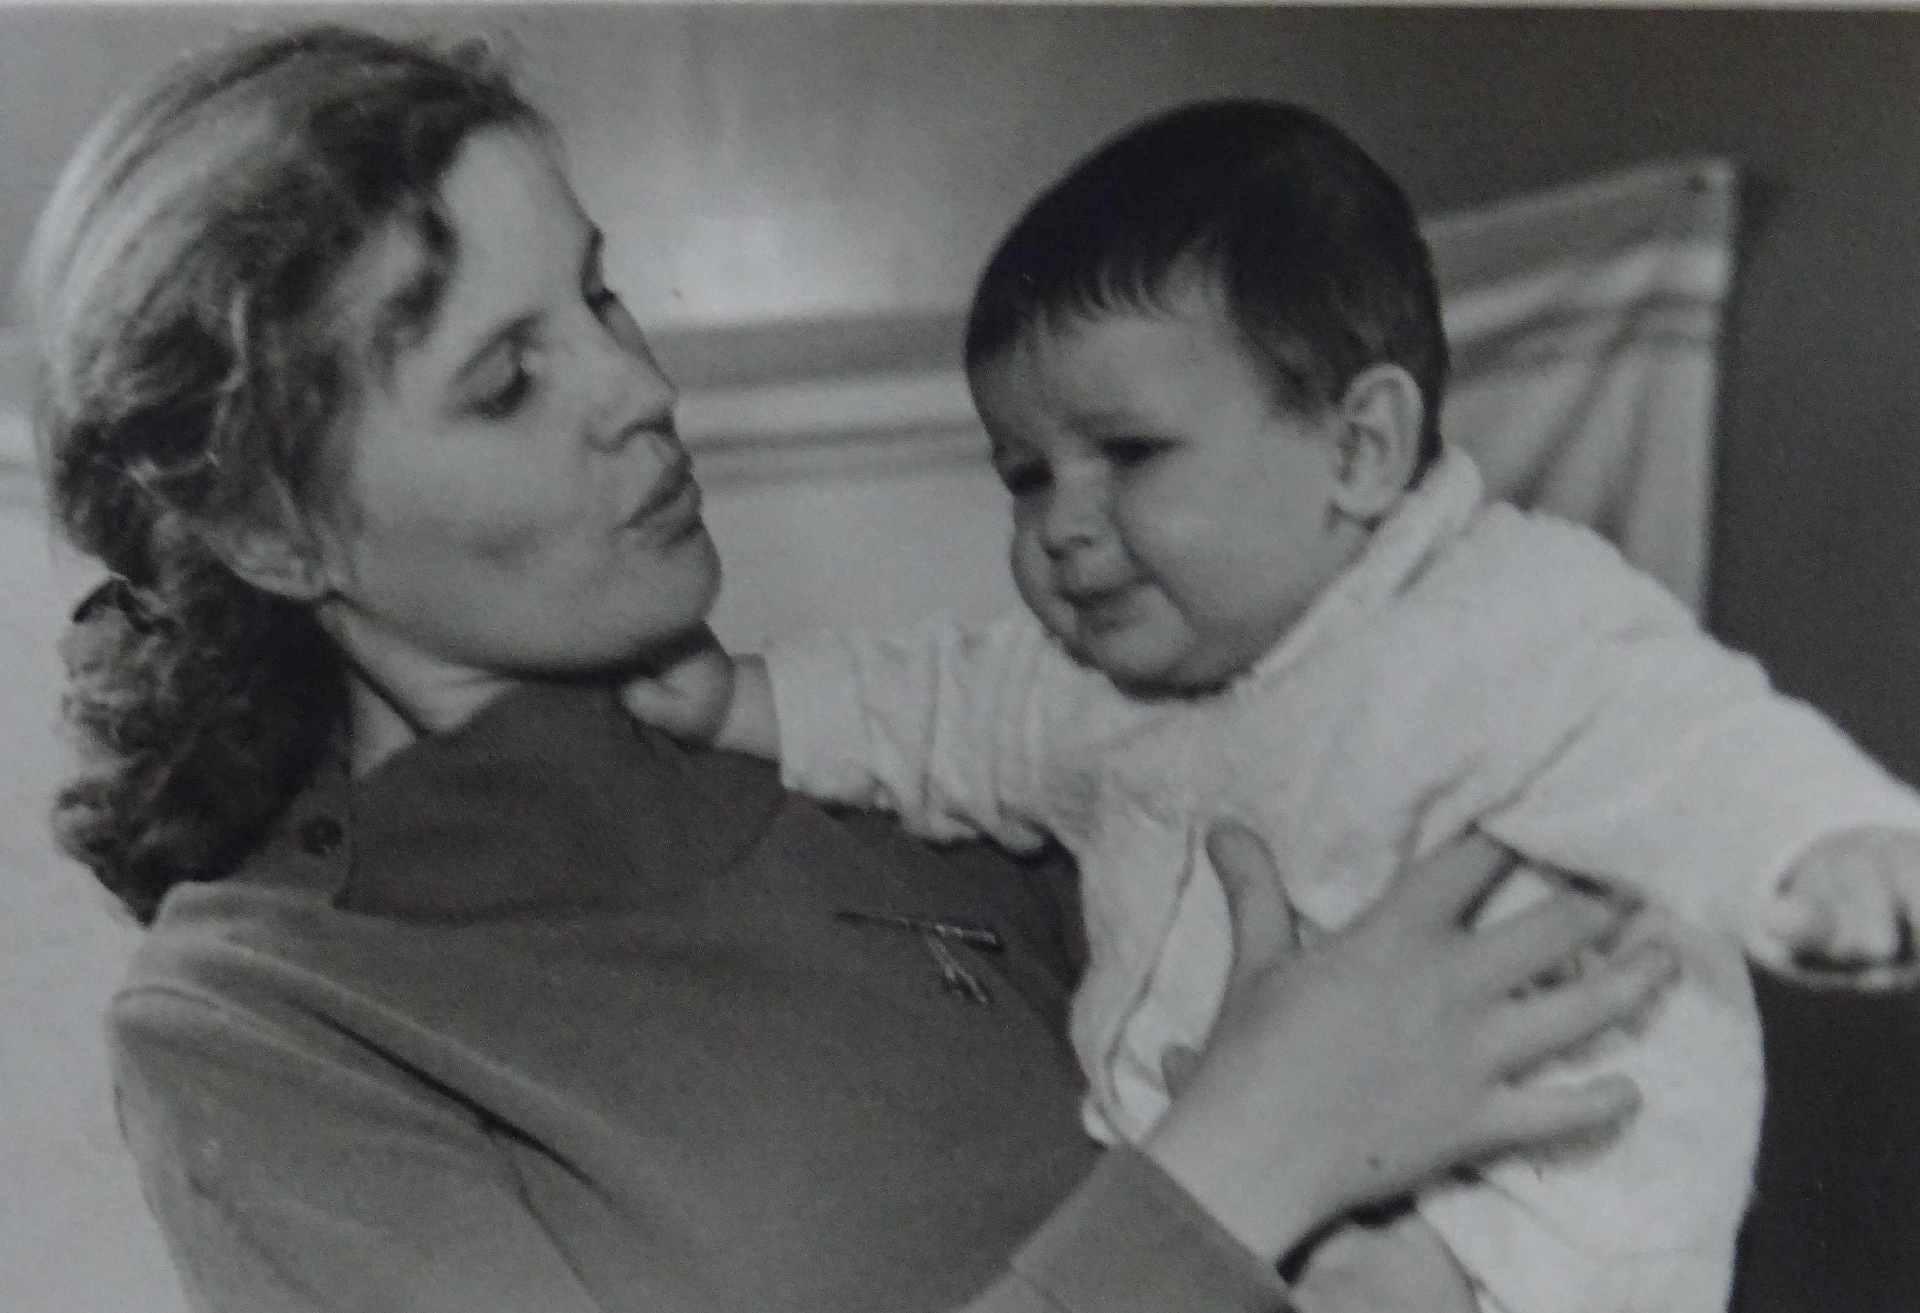 Экспонат #17. Людмила Доронина с сыномЮрием Юрьевичем. Москва, 1960 год